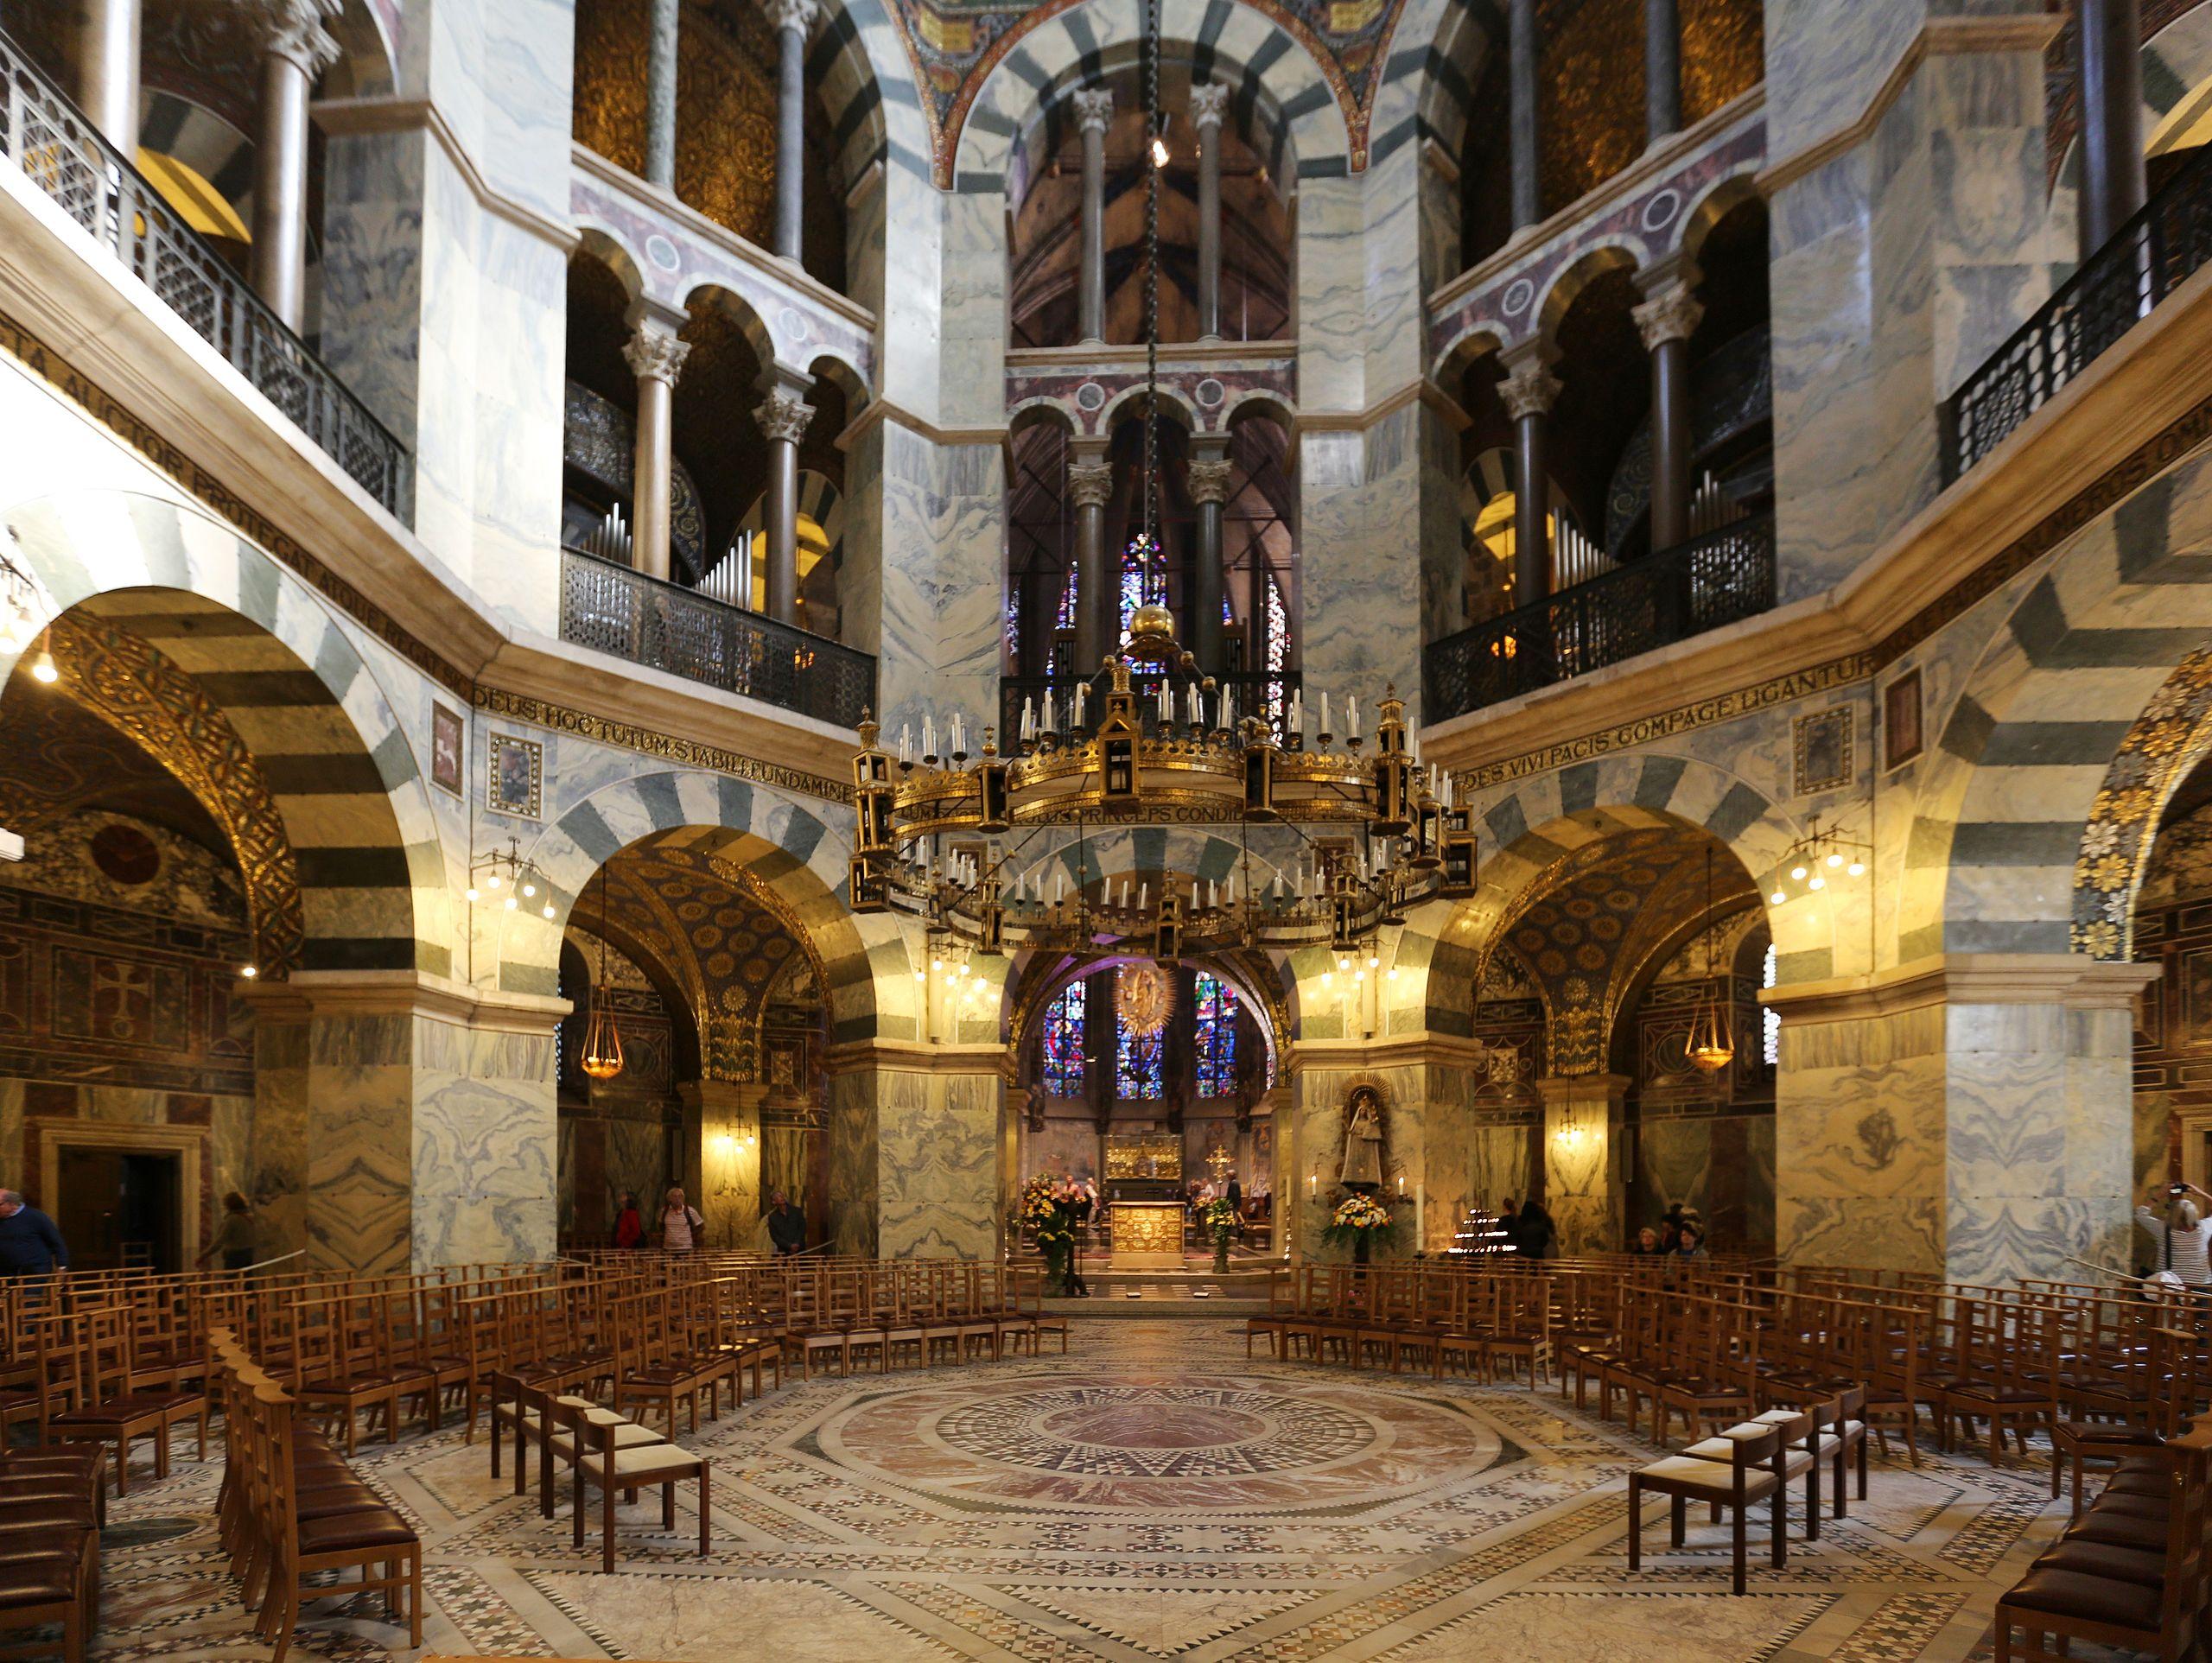 DateiAachen, Innenarchitektur der Pfalzkapelle.jpg – Wikipedia